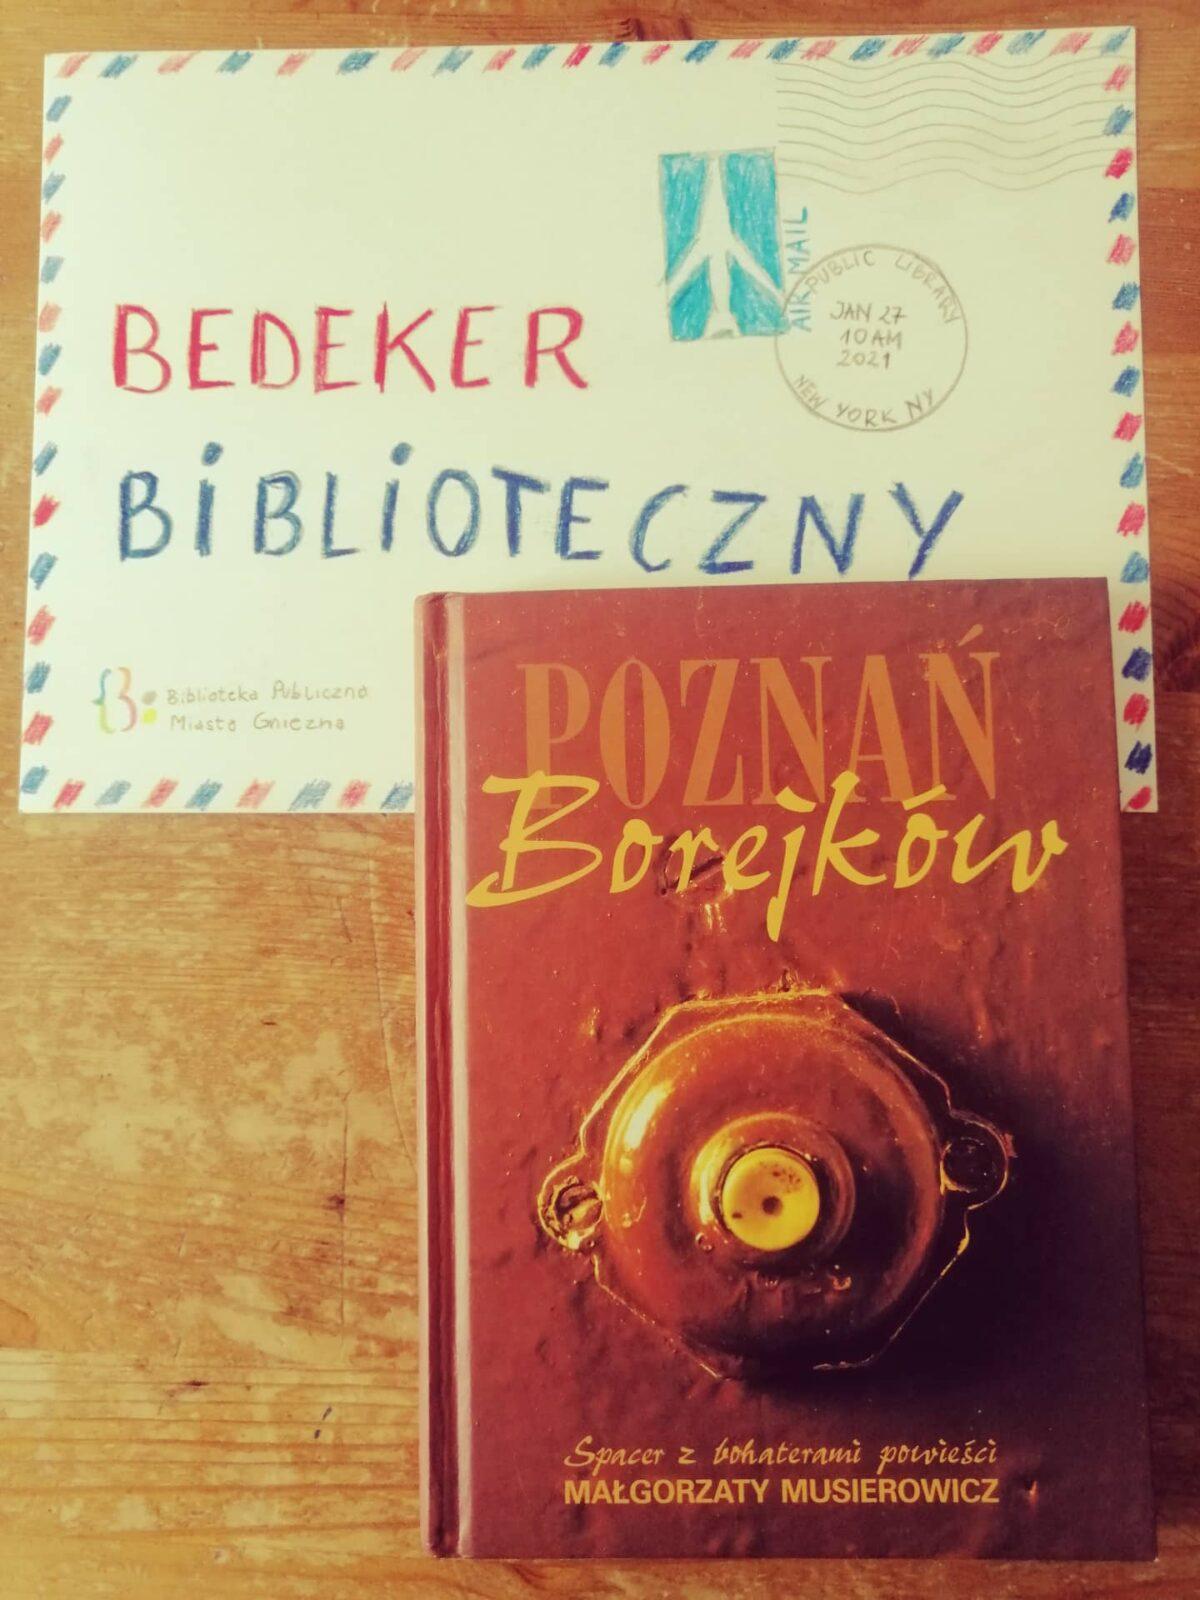 Bedeker biblioteczny – Poznań